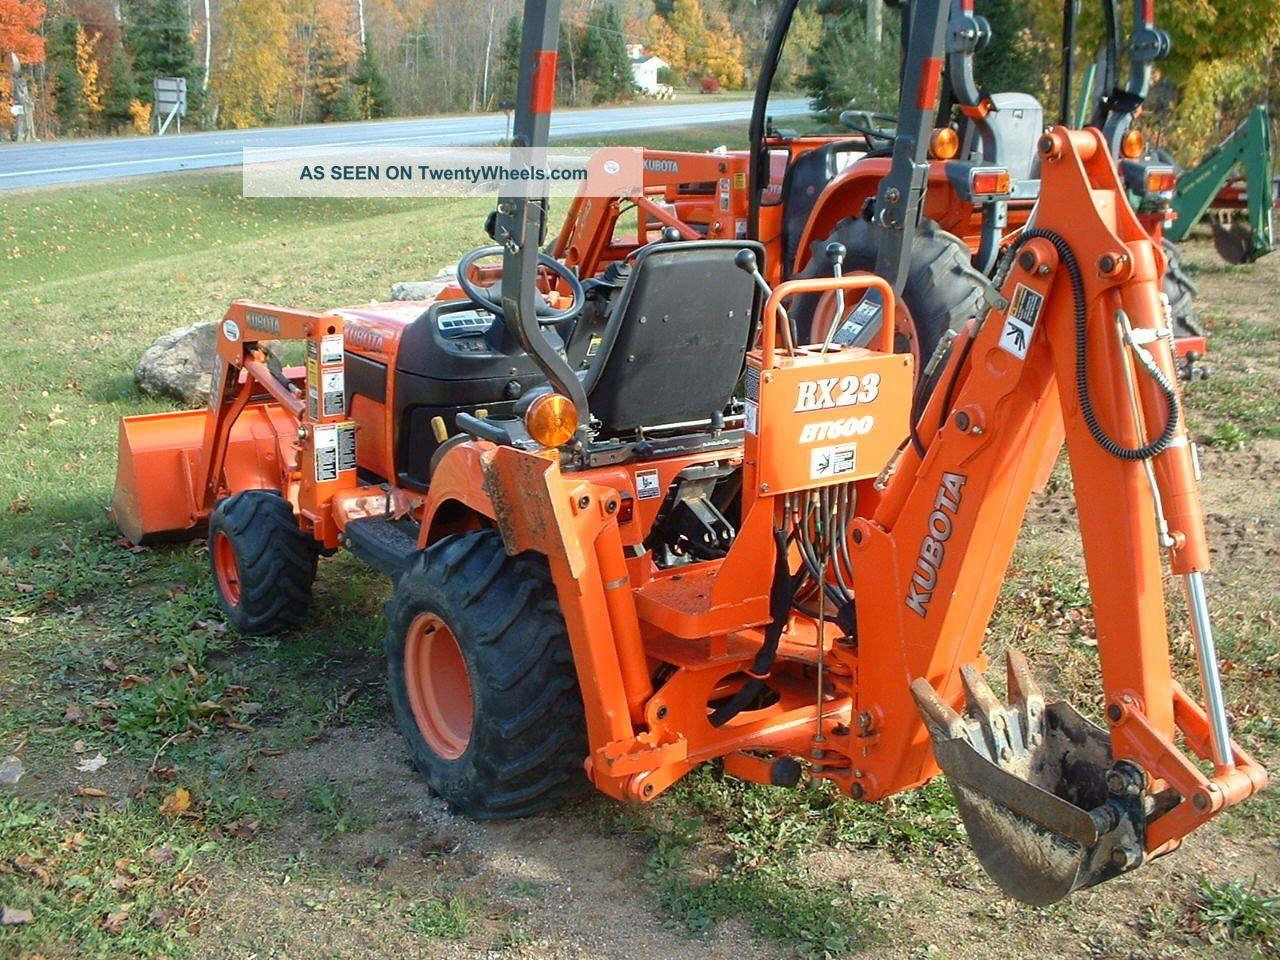 Tractor Loader Backhoe : Kubota bx tlb tractor loader backhoe